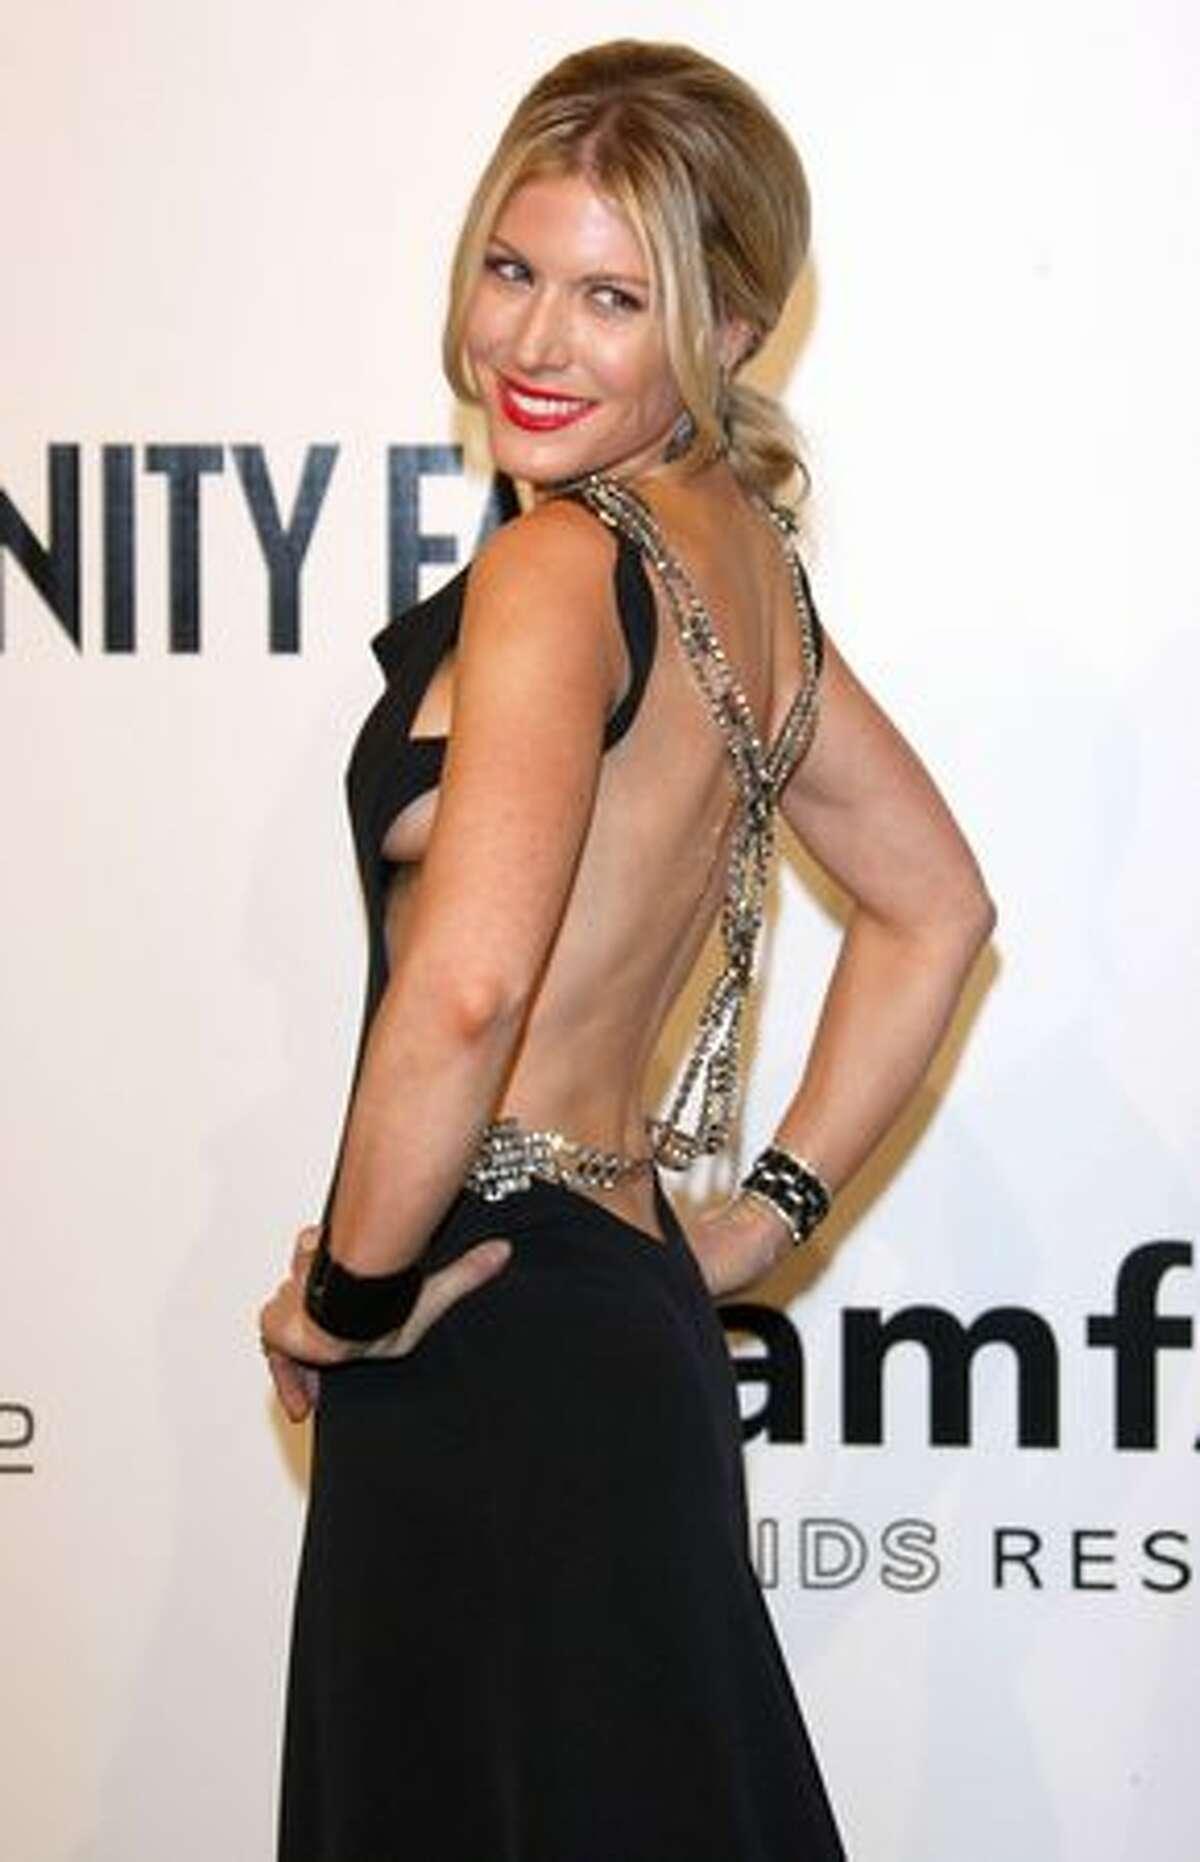 Israeli socialite Hofit Golan attends Milan Fashion Week in Milan, Italy in September 2009.